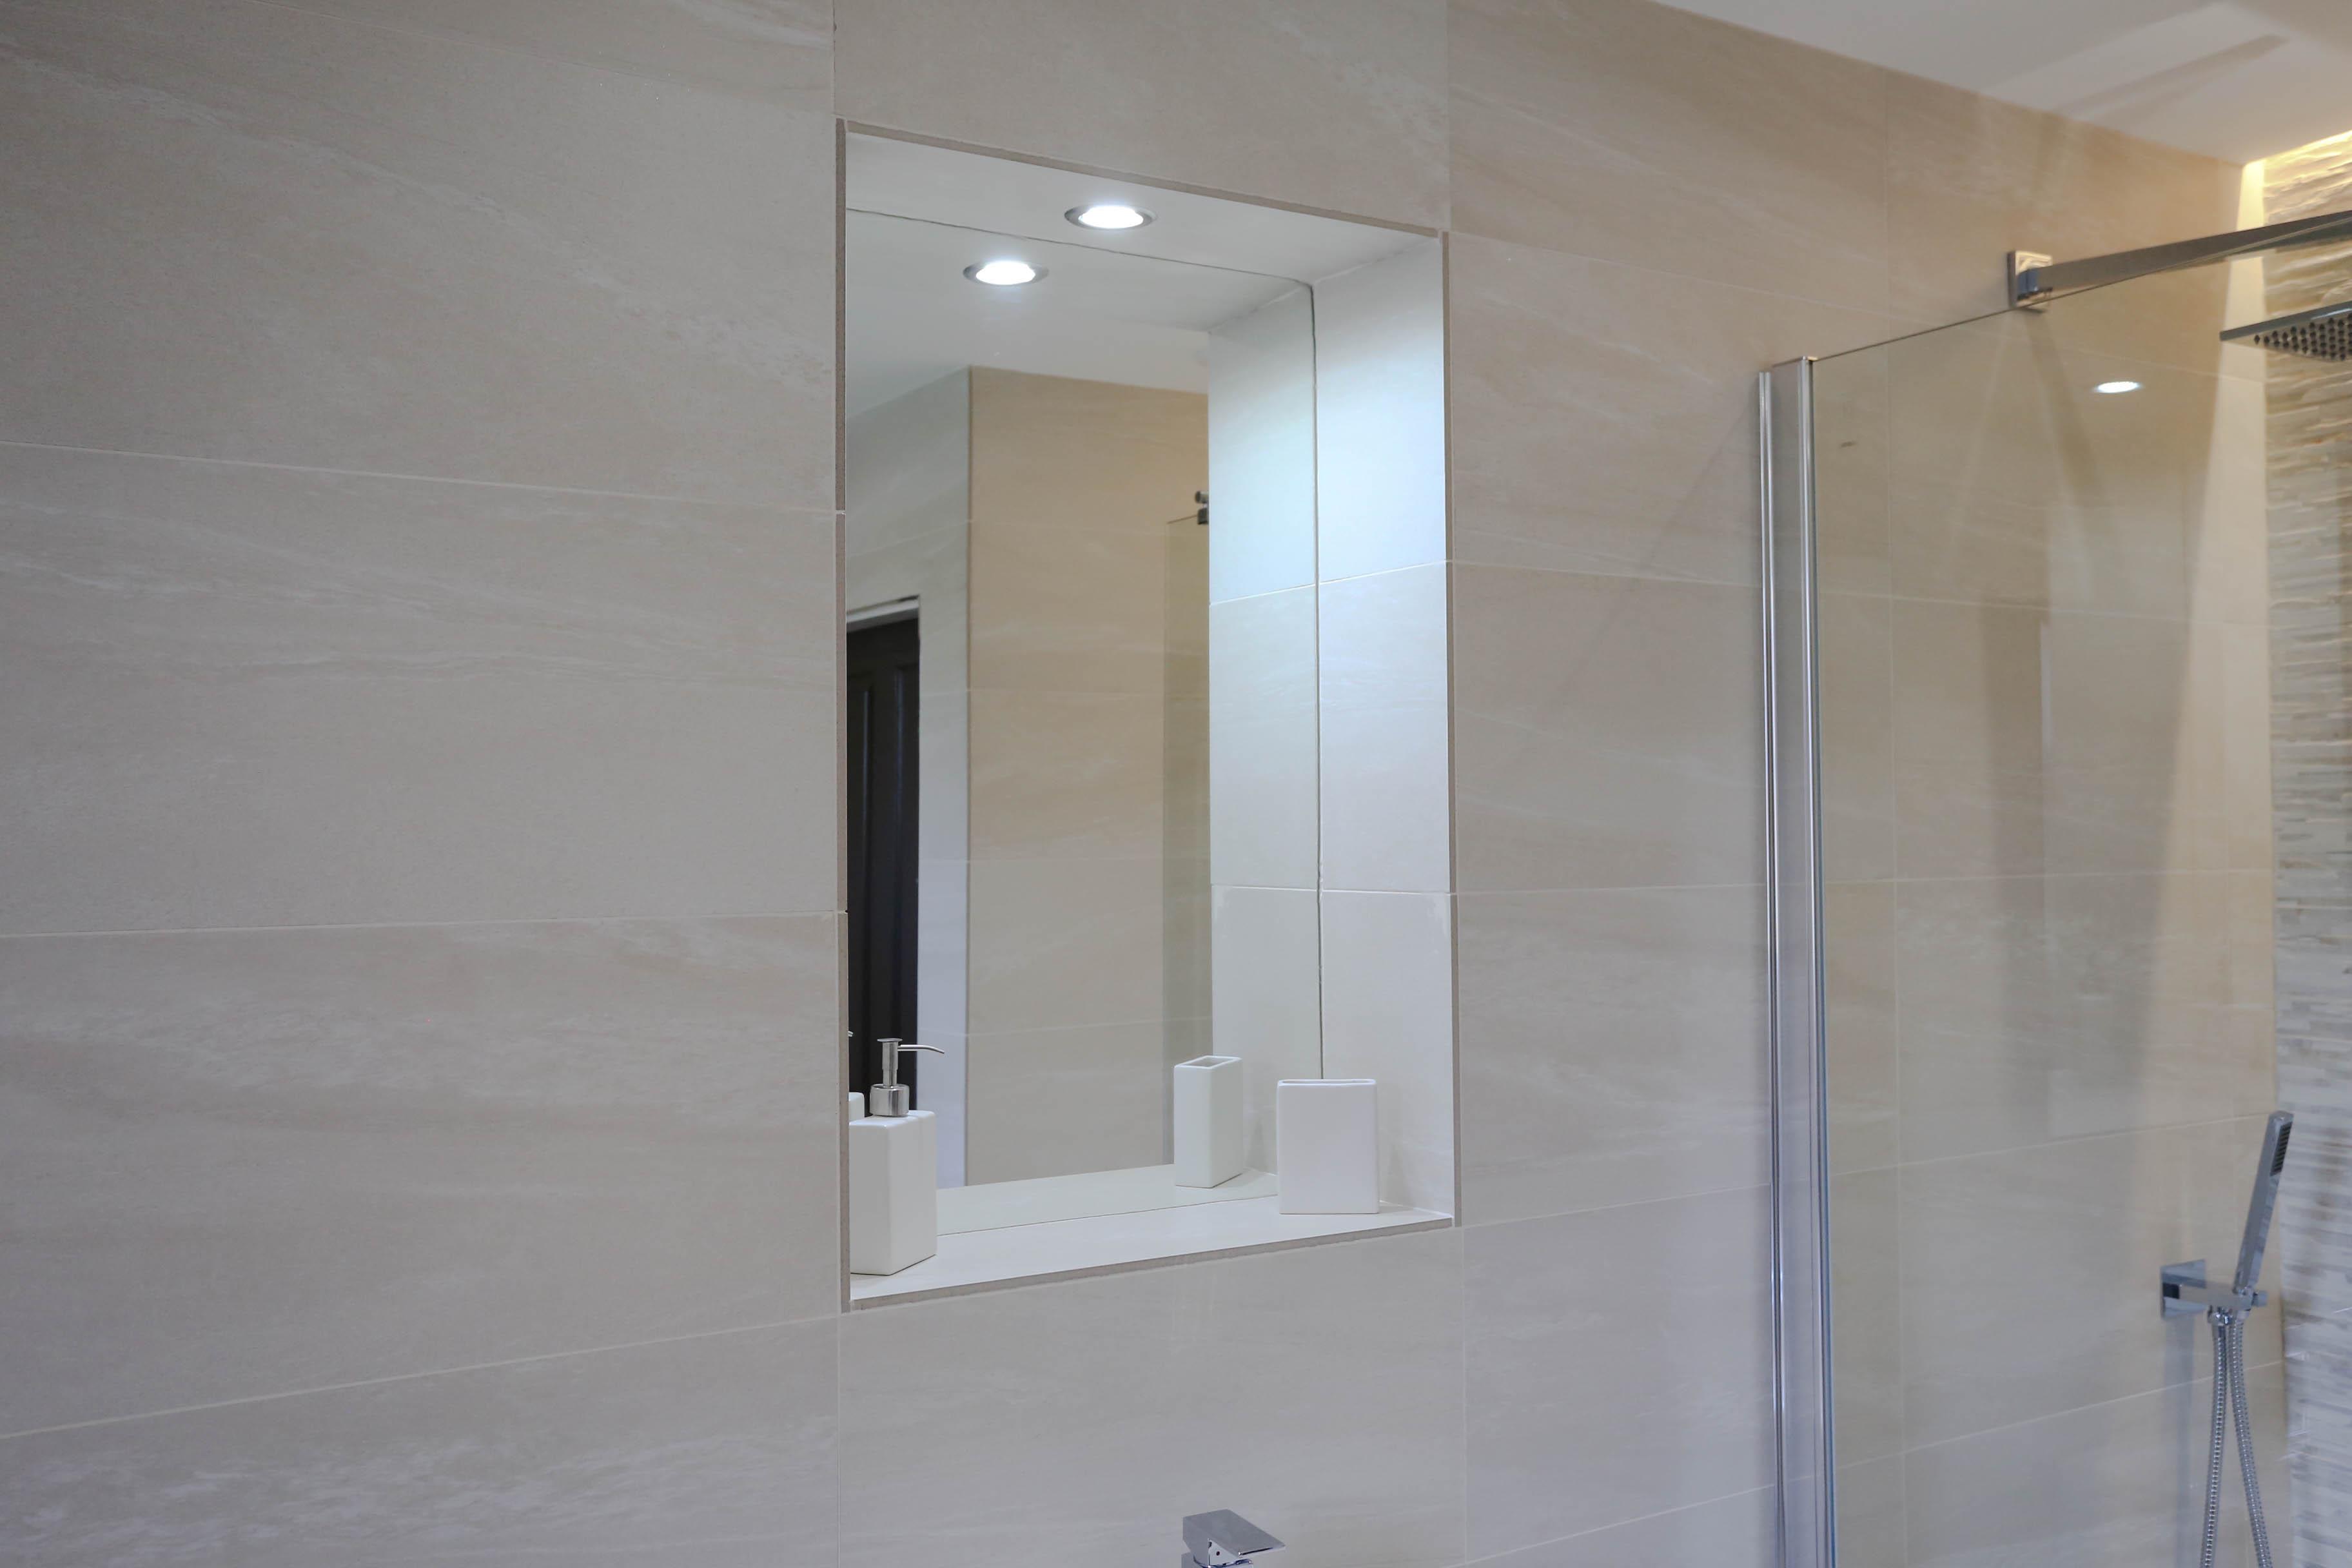 ensuite mirror